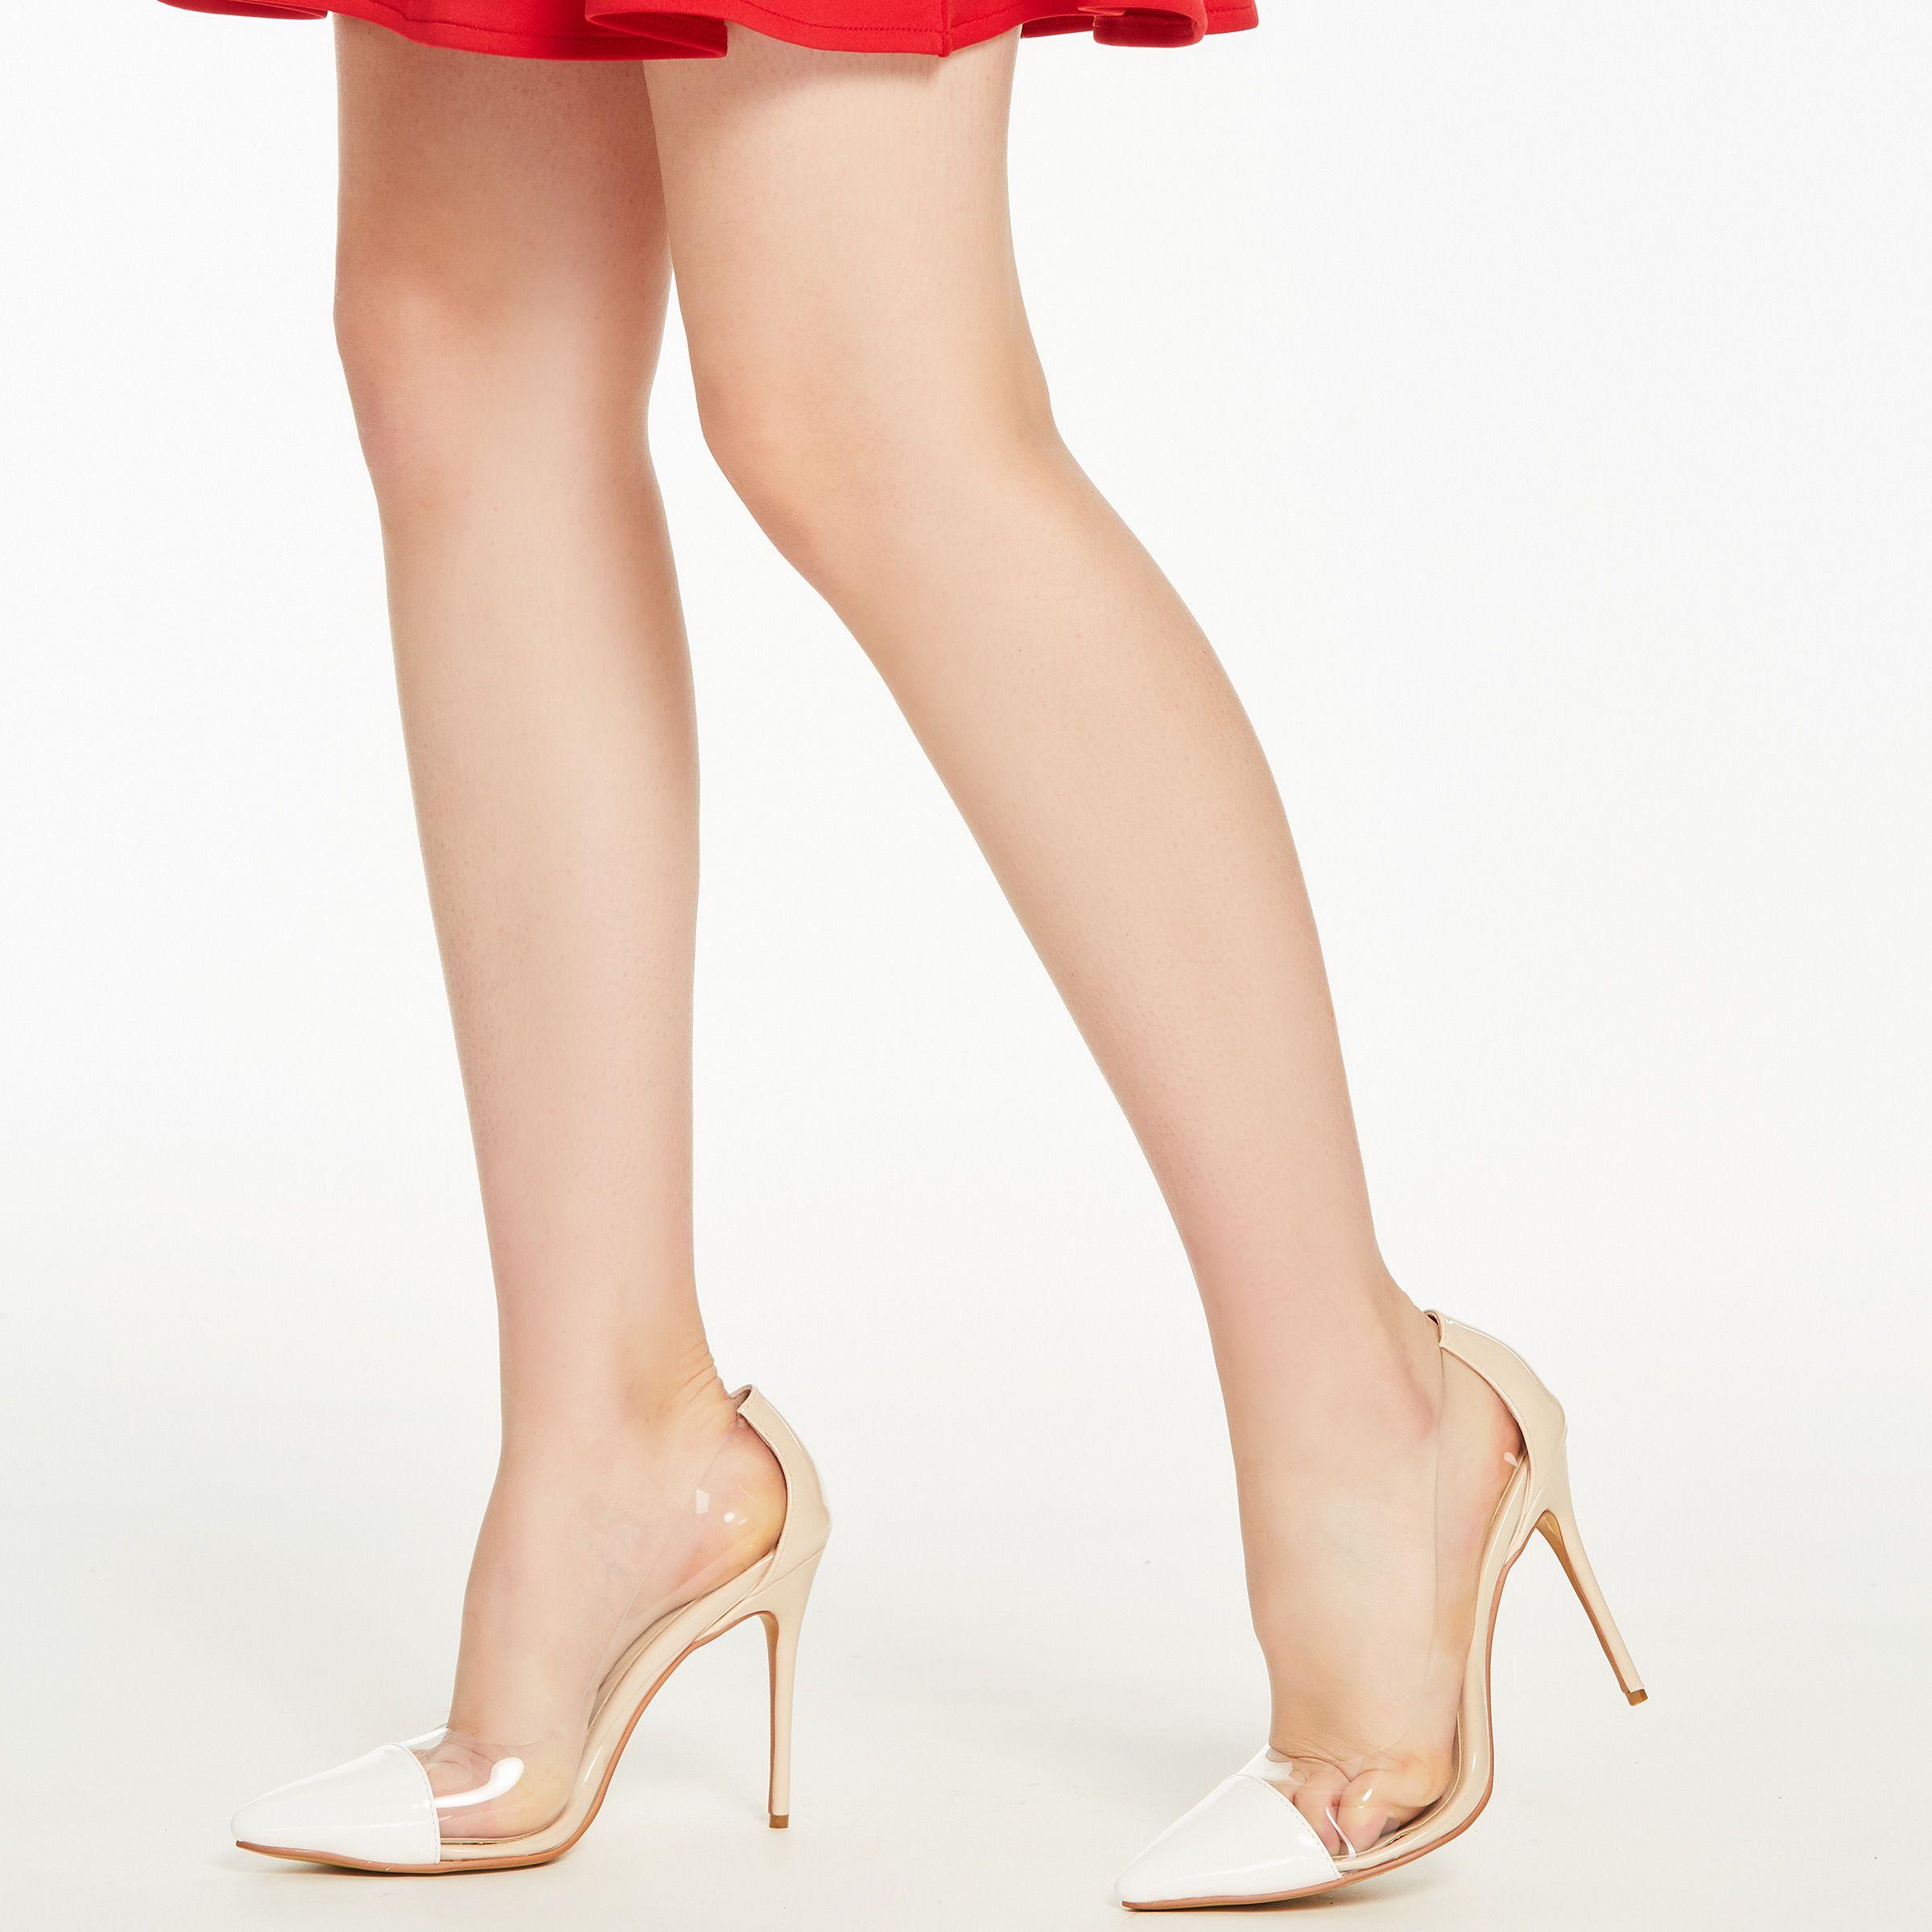 1dd7d9d6cfc $64.99 Dresswe.com SUPPLIES Women's Pumps PU Slip-On Transparent ...